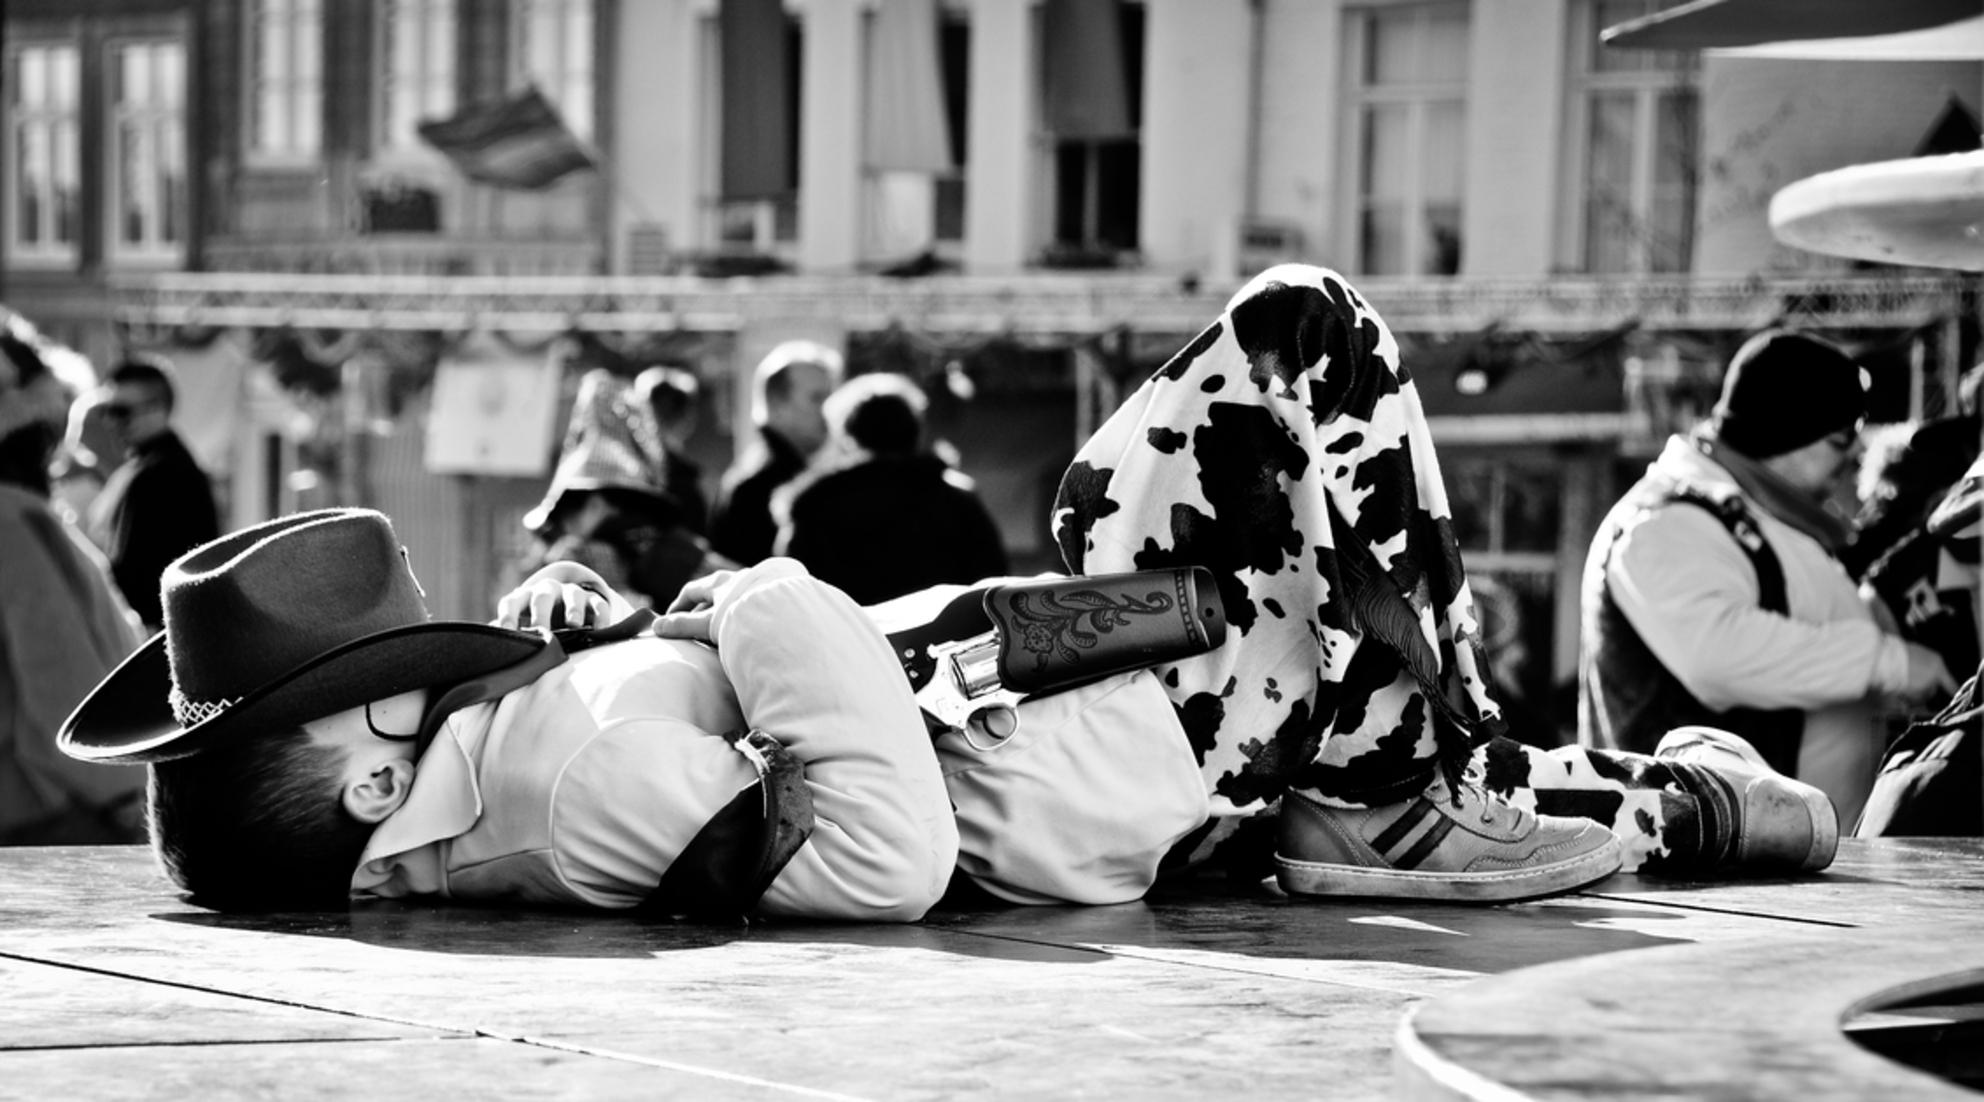 Untitled... - - - foto door ellis77 op 15-02-2018 - deze foto bevat: carnaval, zwartwit, straatfotografie, cowboy